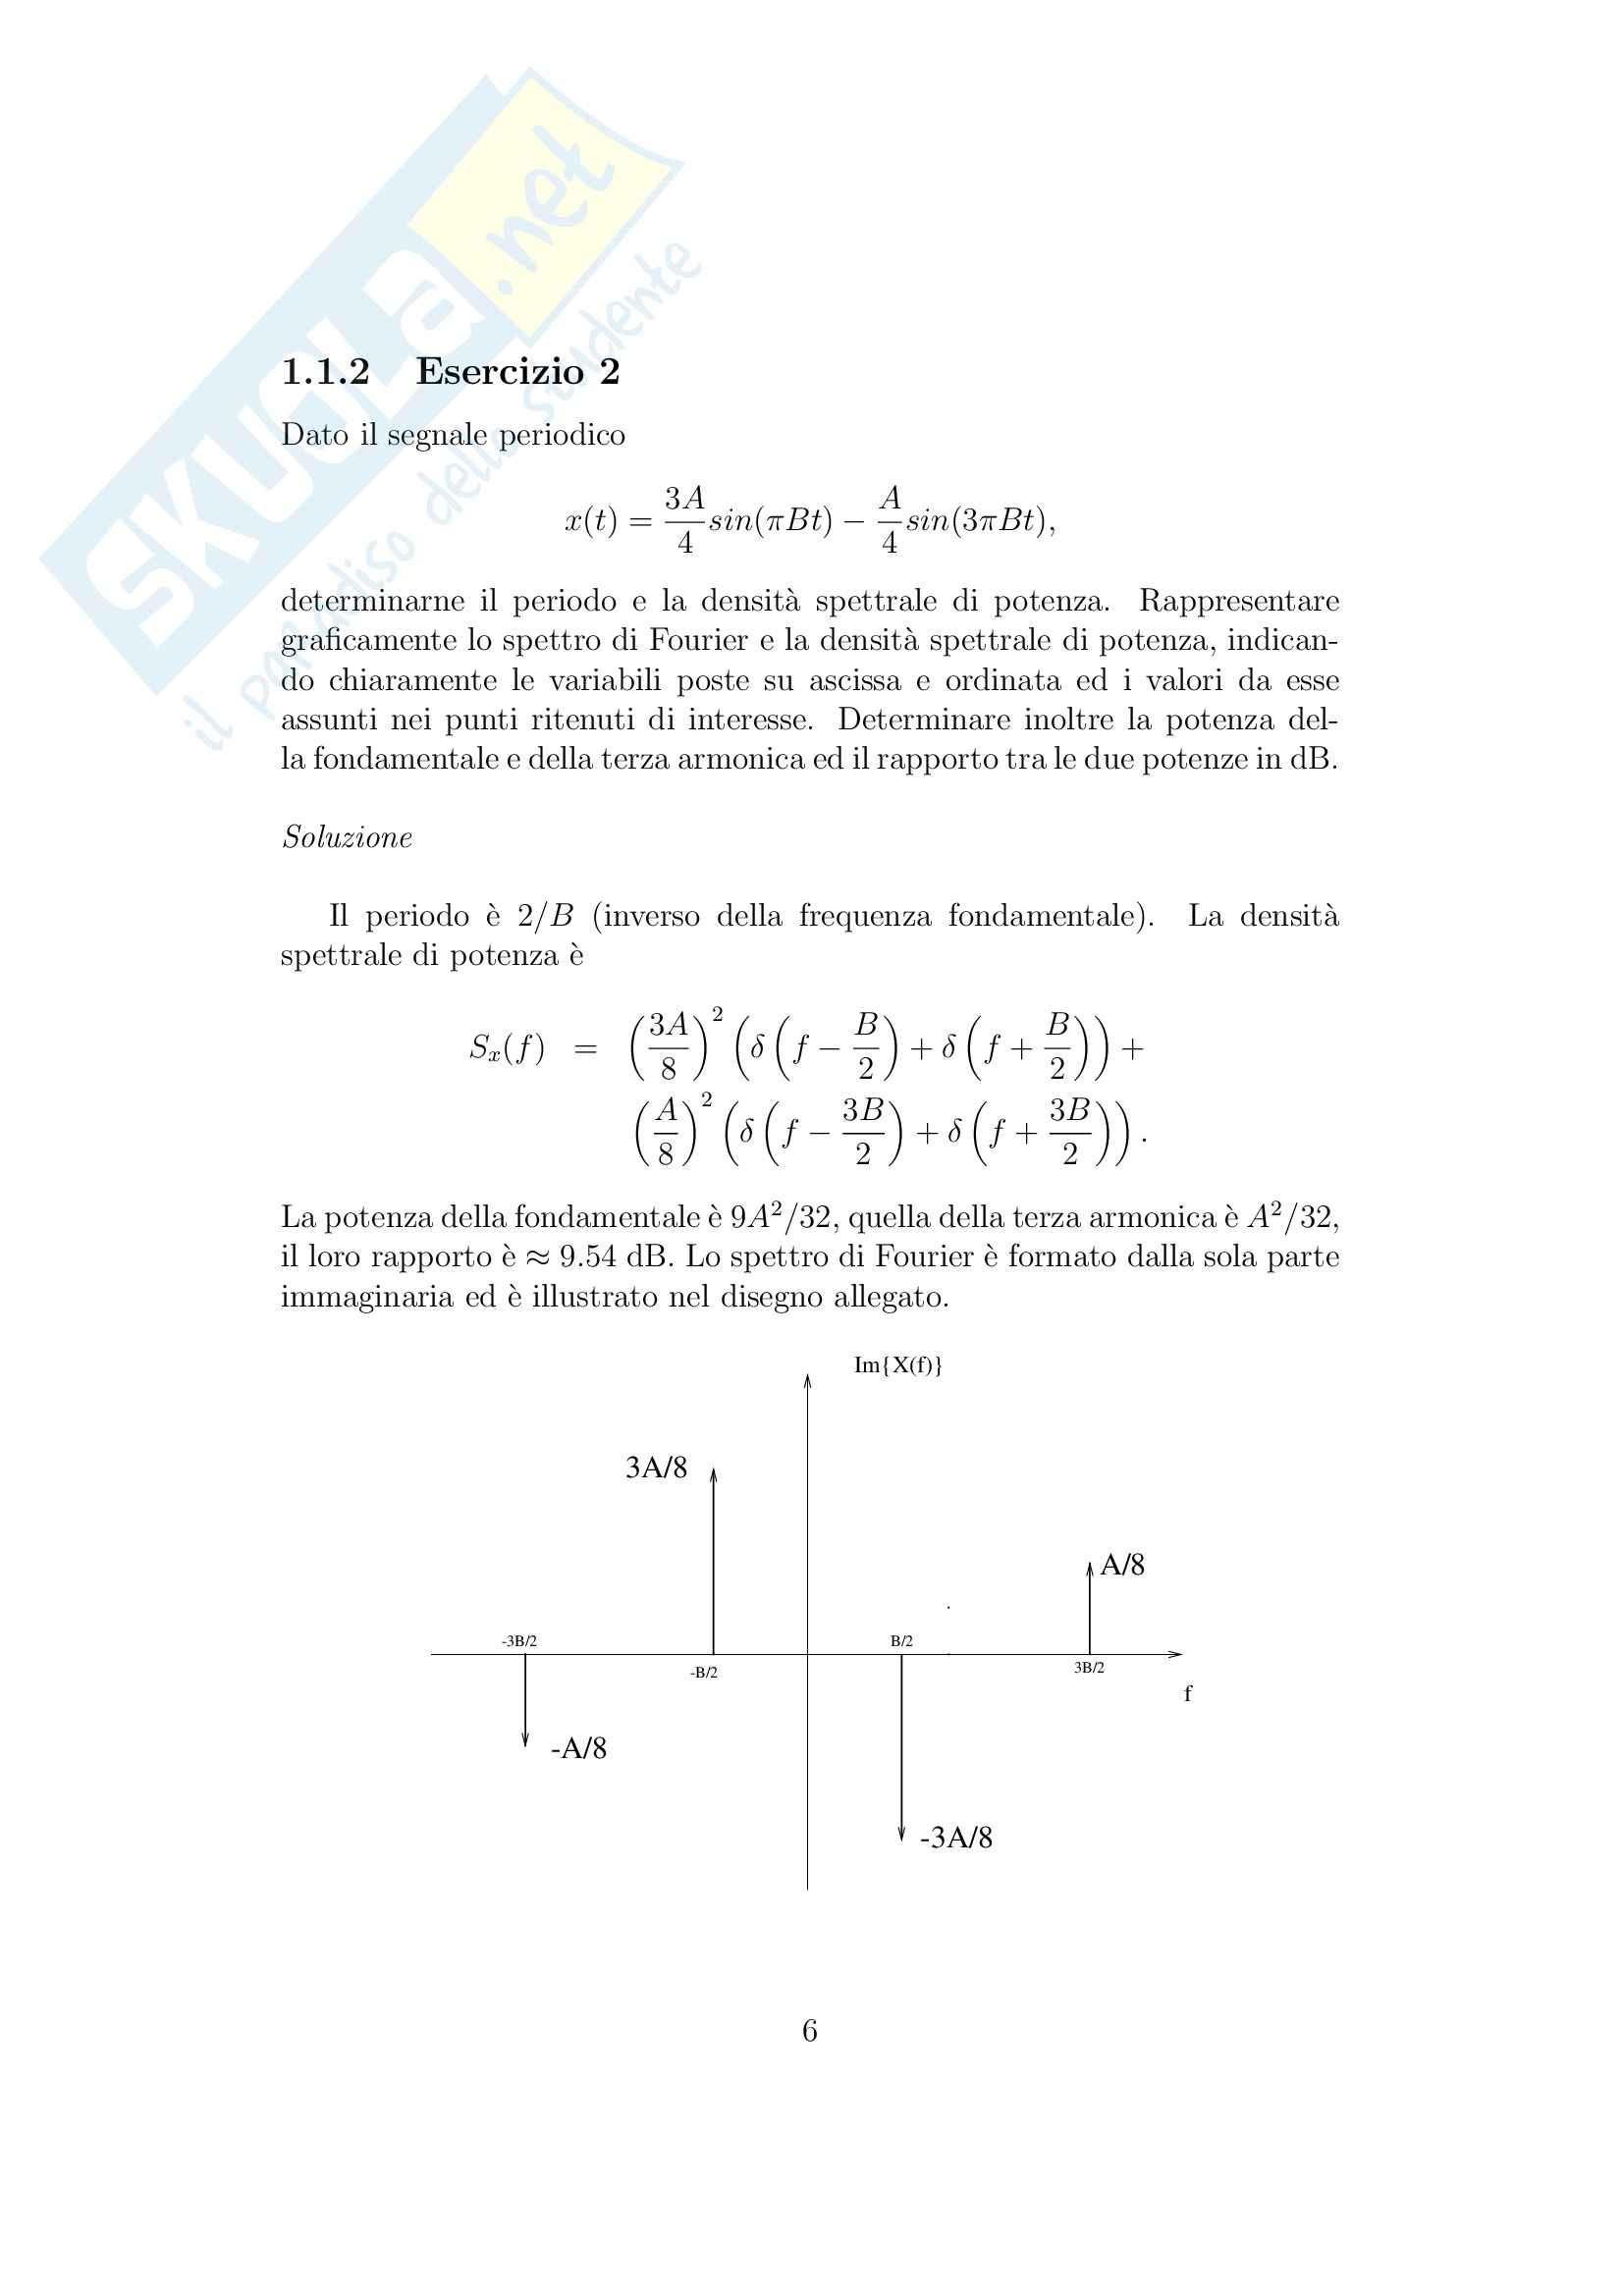 Teoria dei segnali - eserciziario Pag. 11